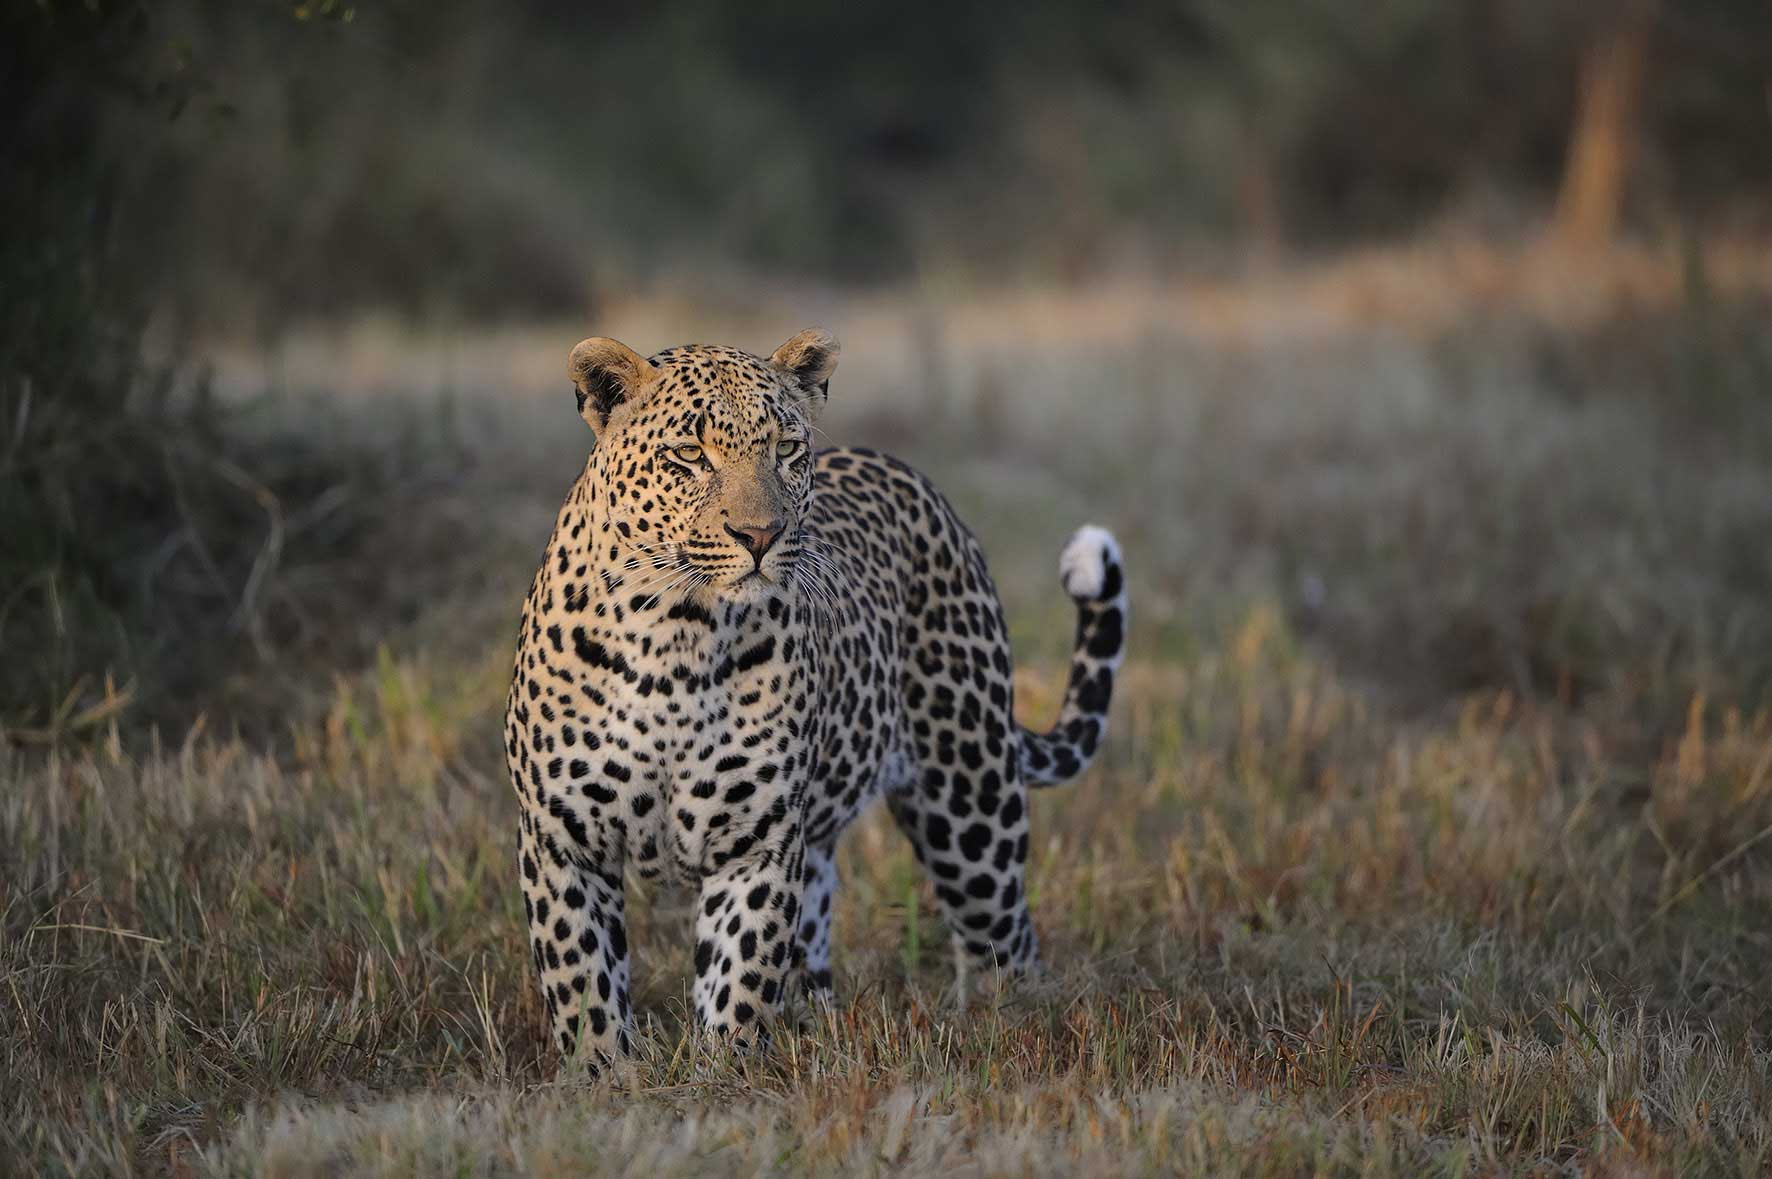 leopard-sabi-sabi-sands-kruger-south-africa-enkosi-africa